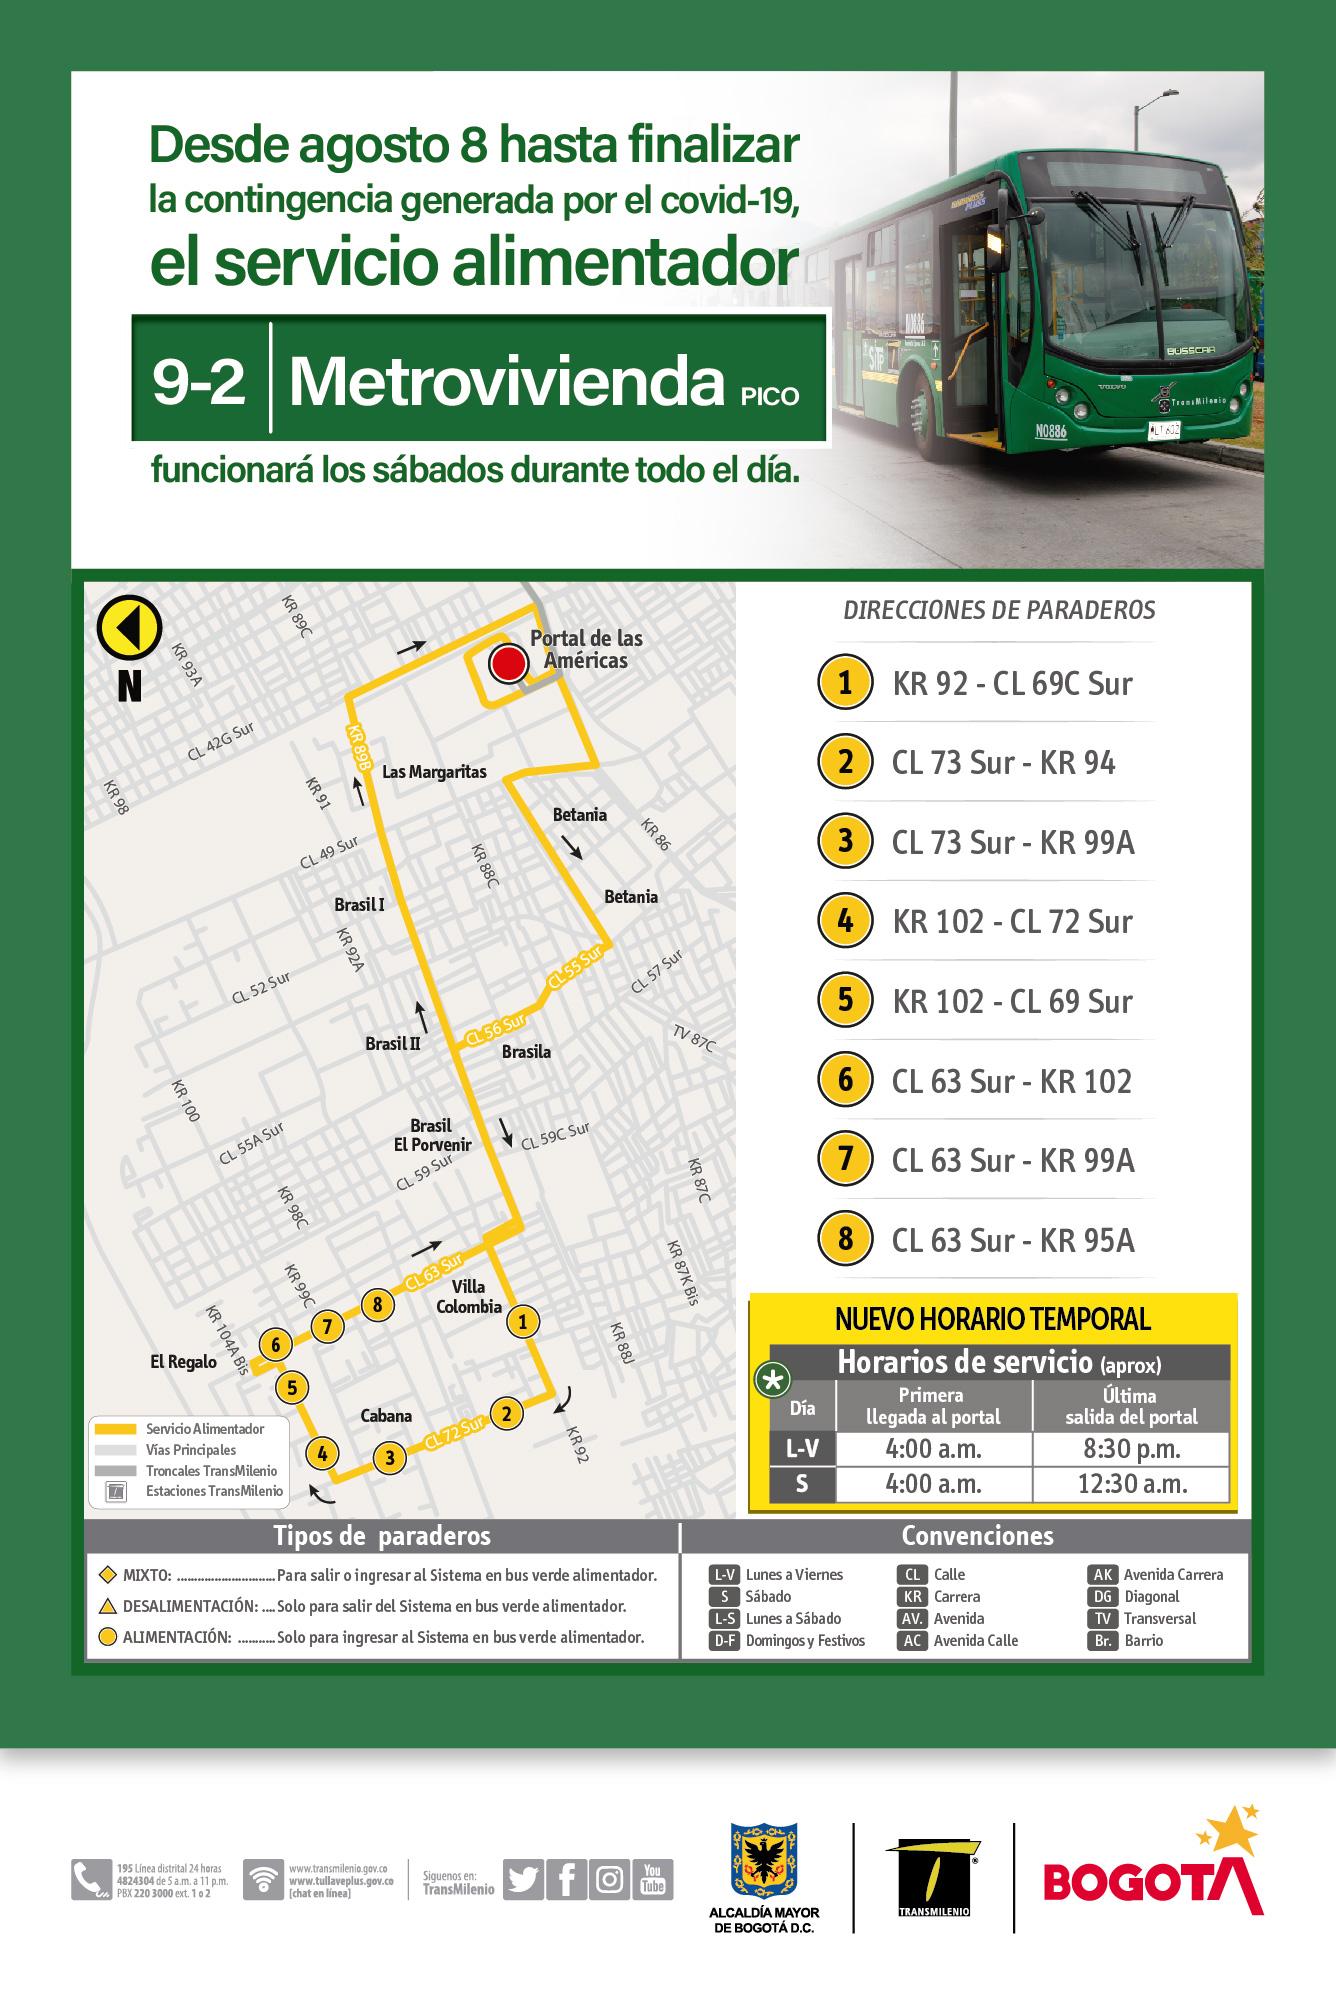 Mapa de la ruta 9-2 Metrovivienda hora Pico